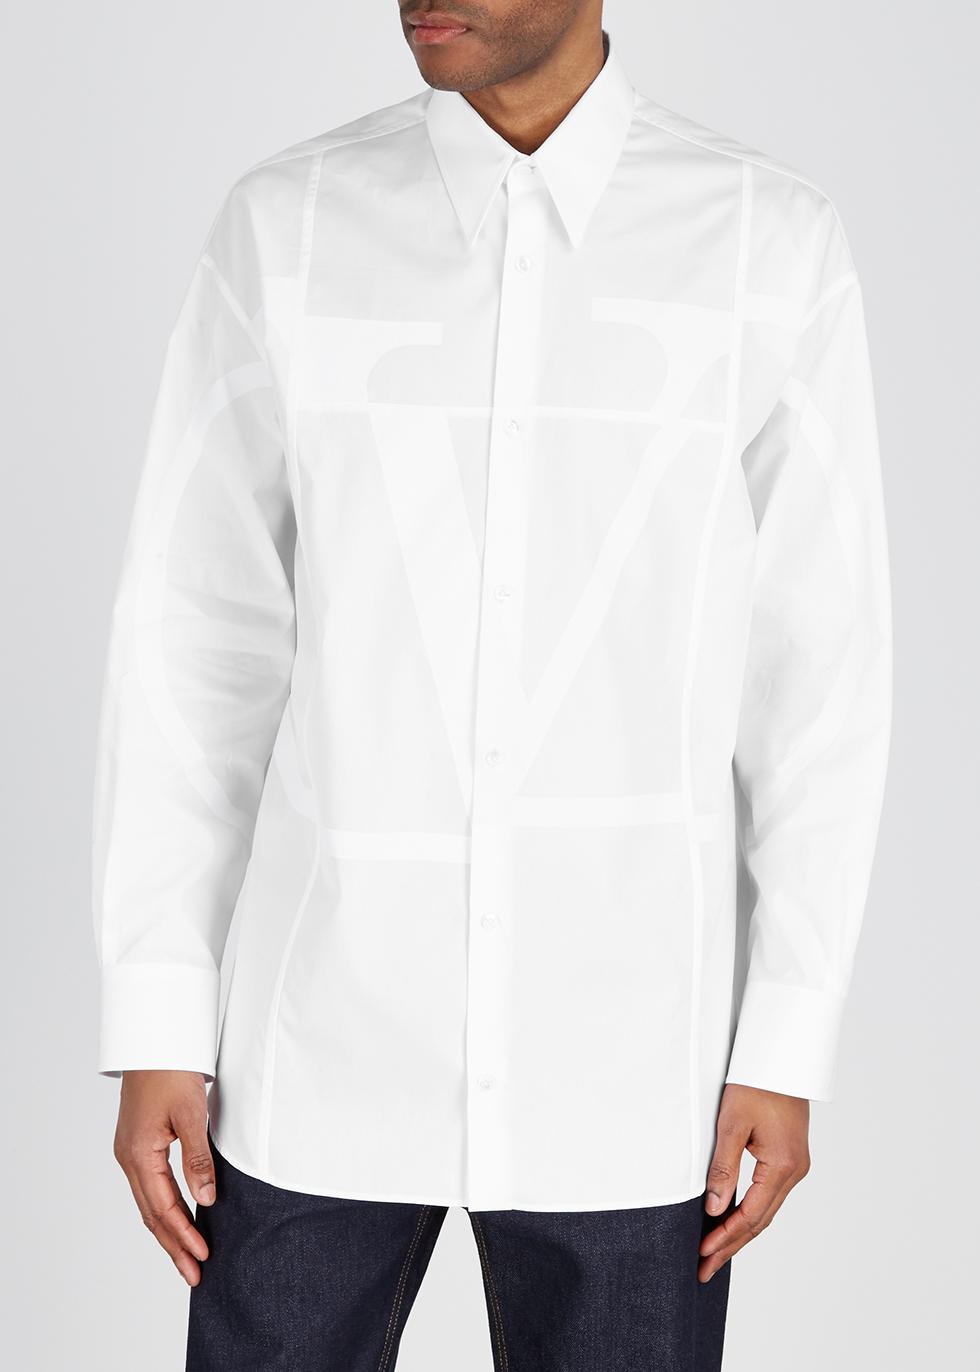 White logo cotton shirt - Valentino